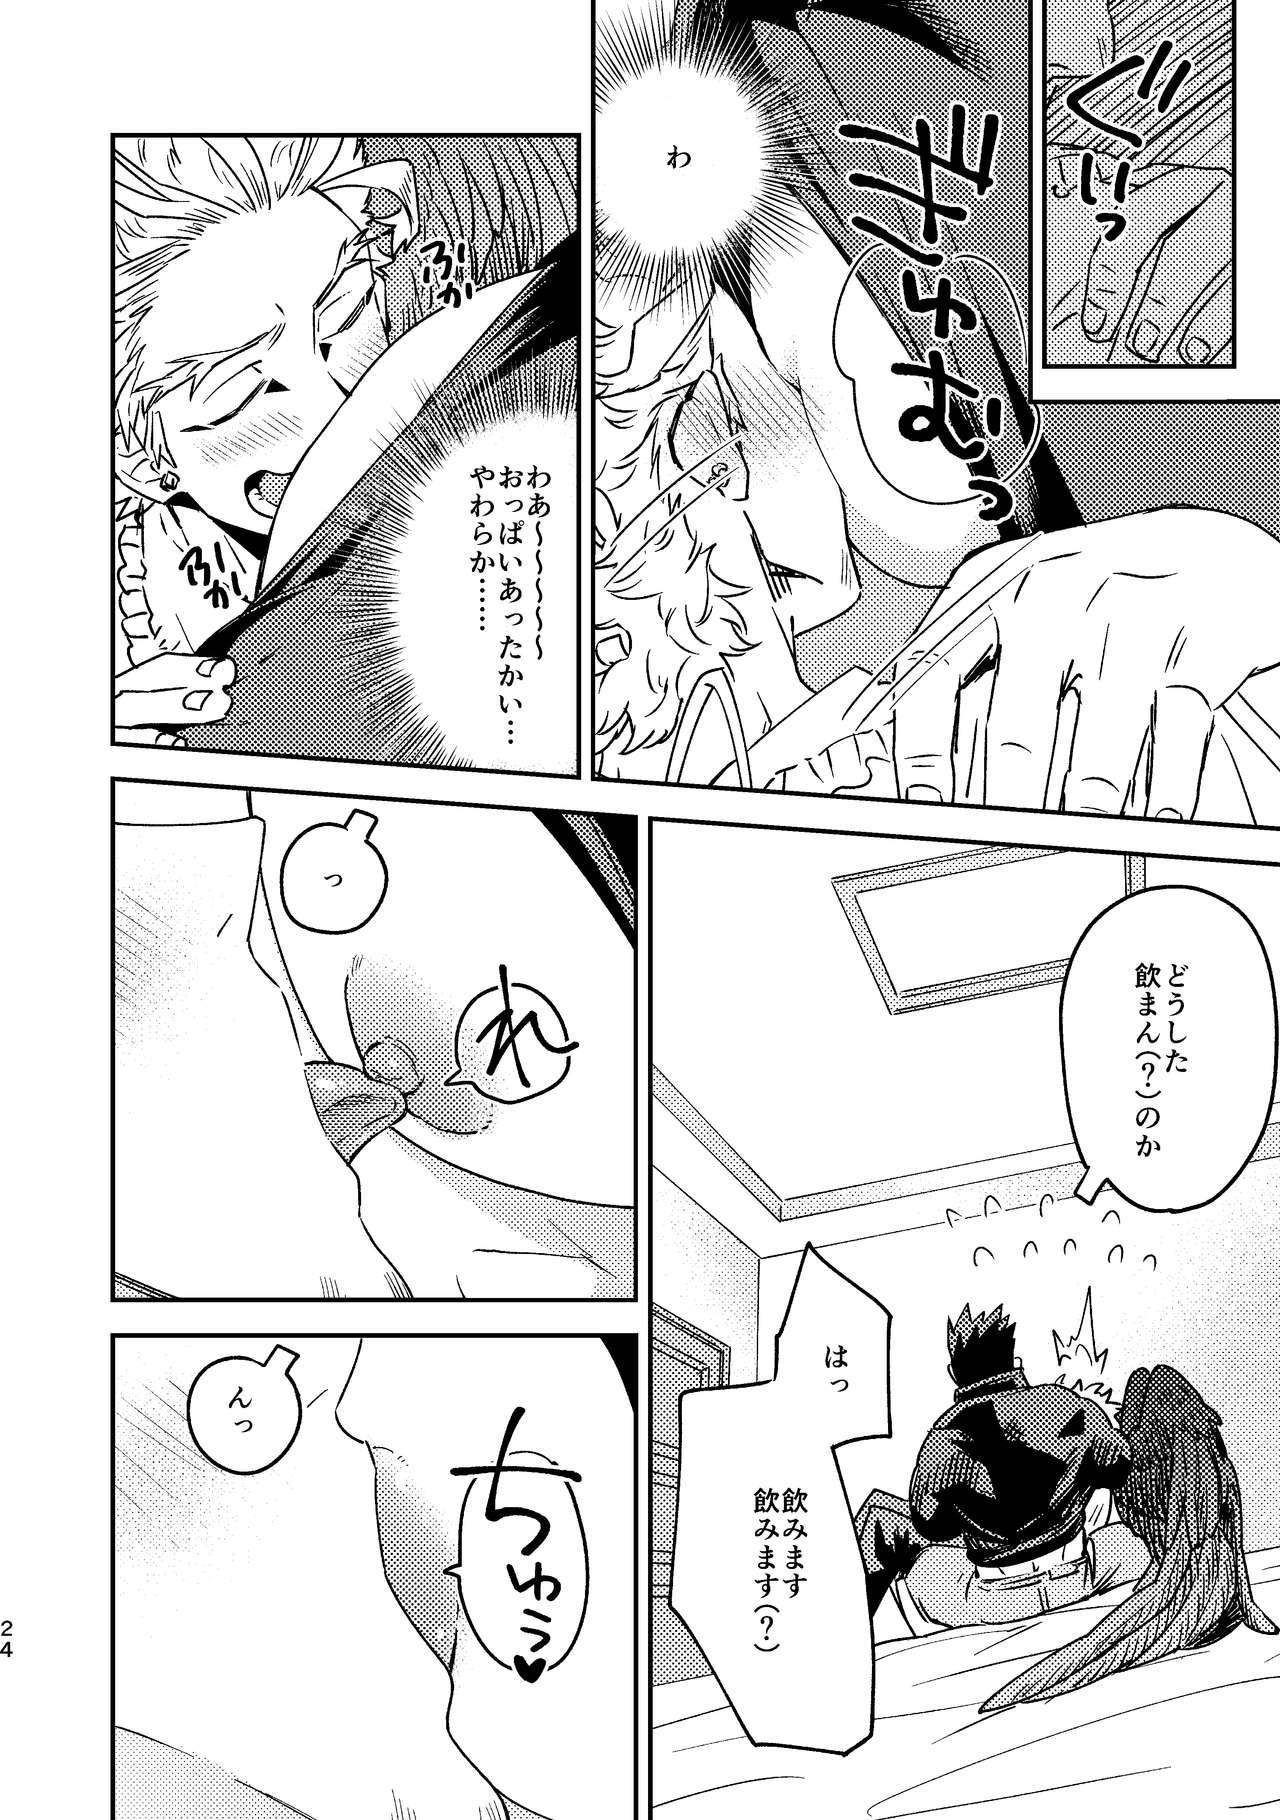 WEB Sairoku Zumi HawEn Manga ga Kami demo Yomeru Hon. 23